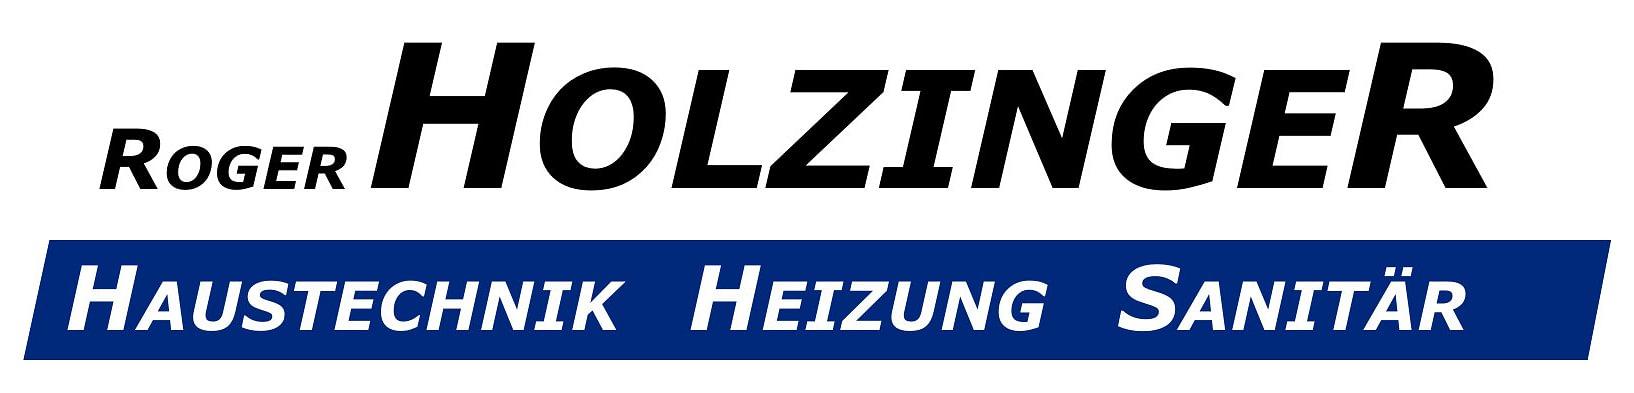 Roger Holzinger Haustechnik